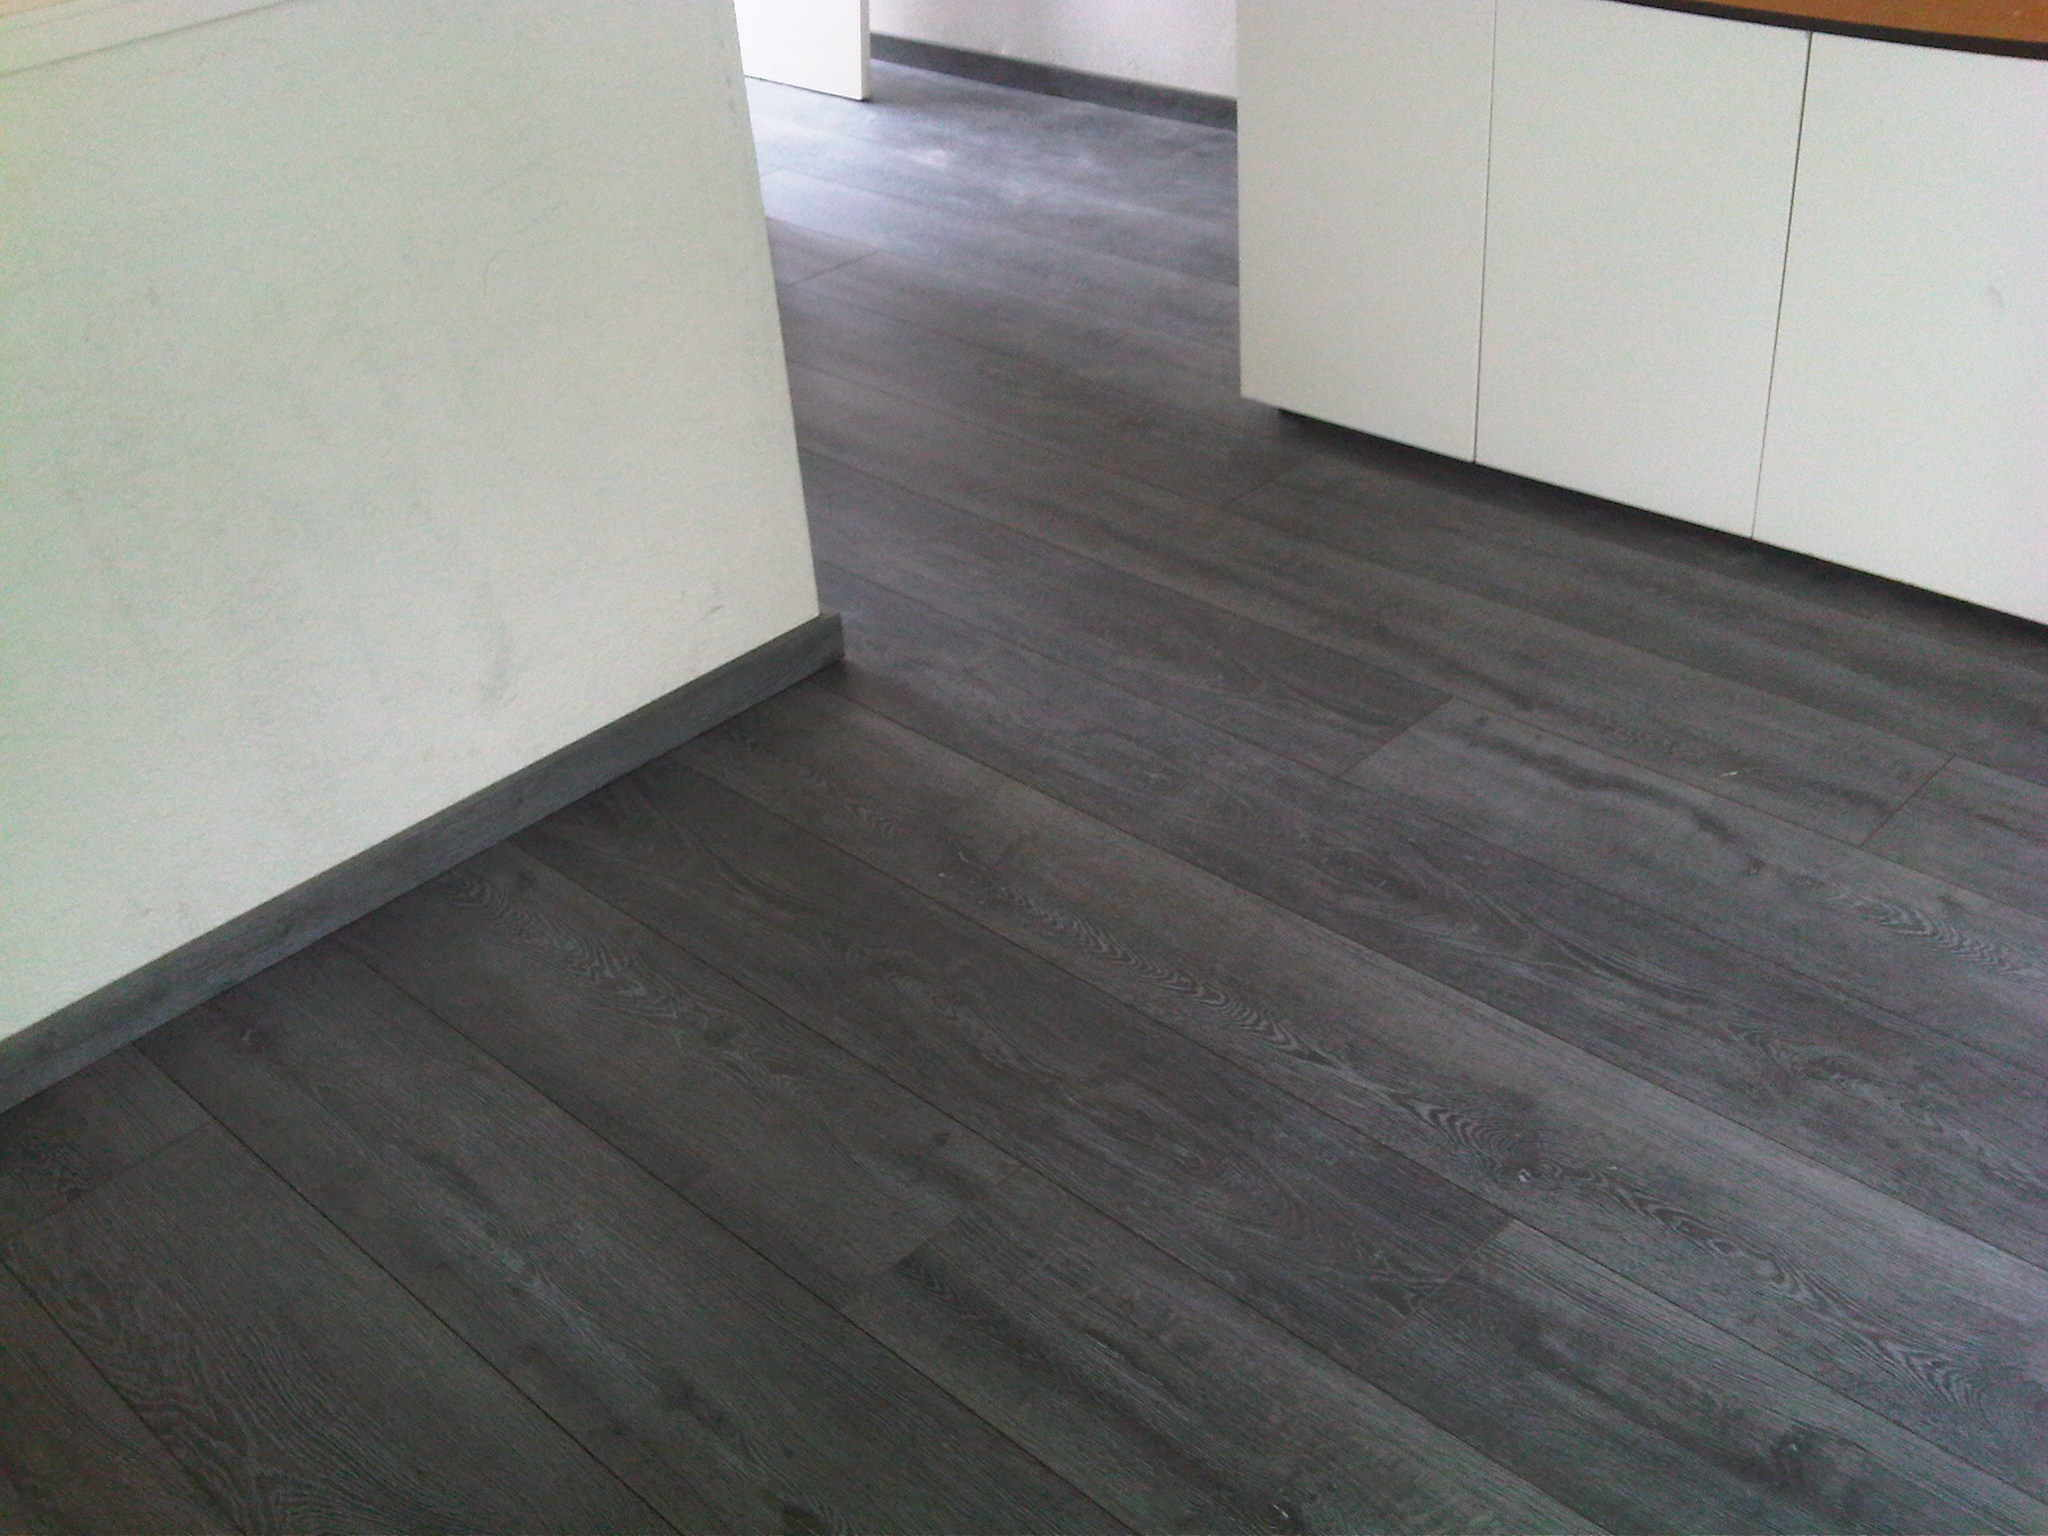 Pvc vloeren woonkamer: snel stylen met plak laminaat interieur ...